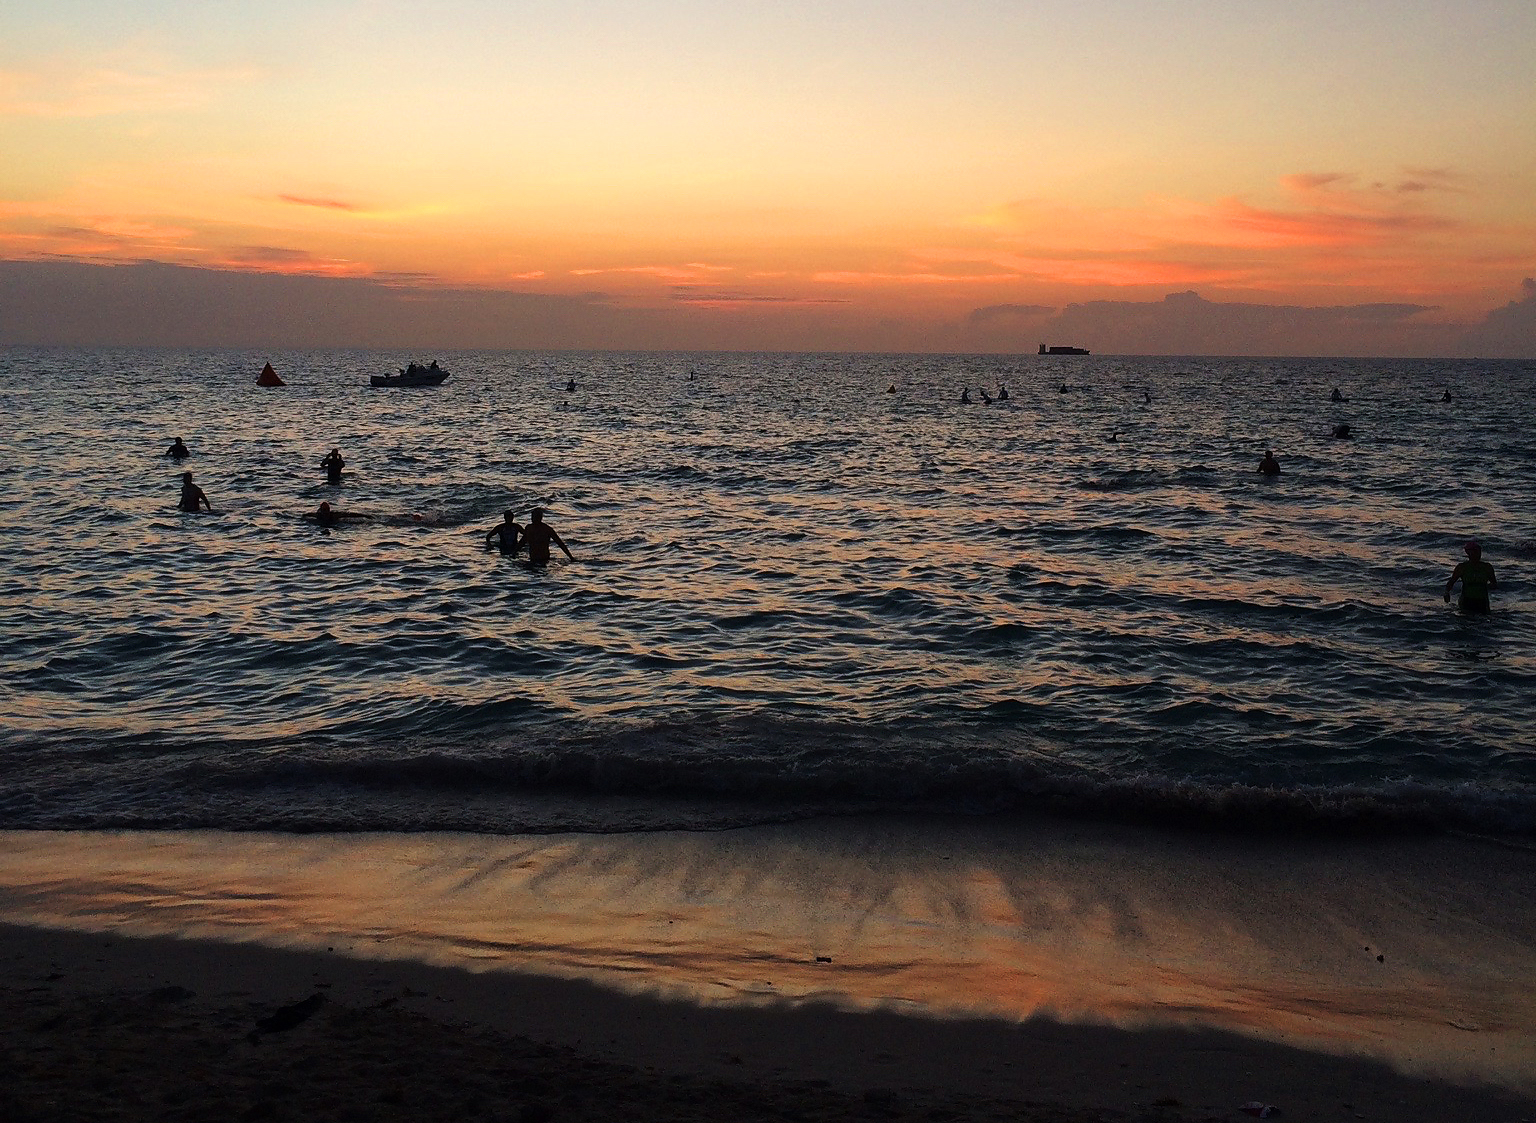 sobe-beach-cropped.jpg